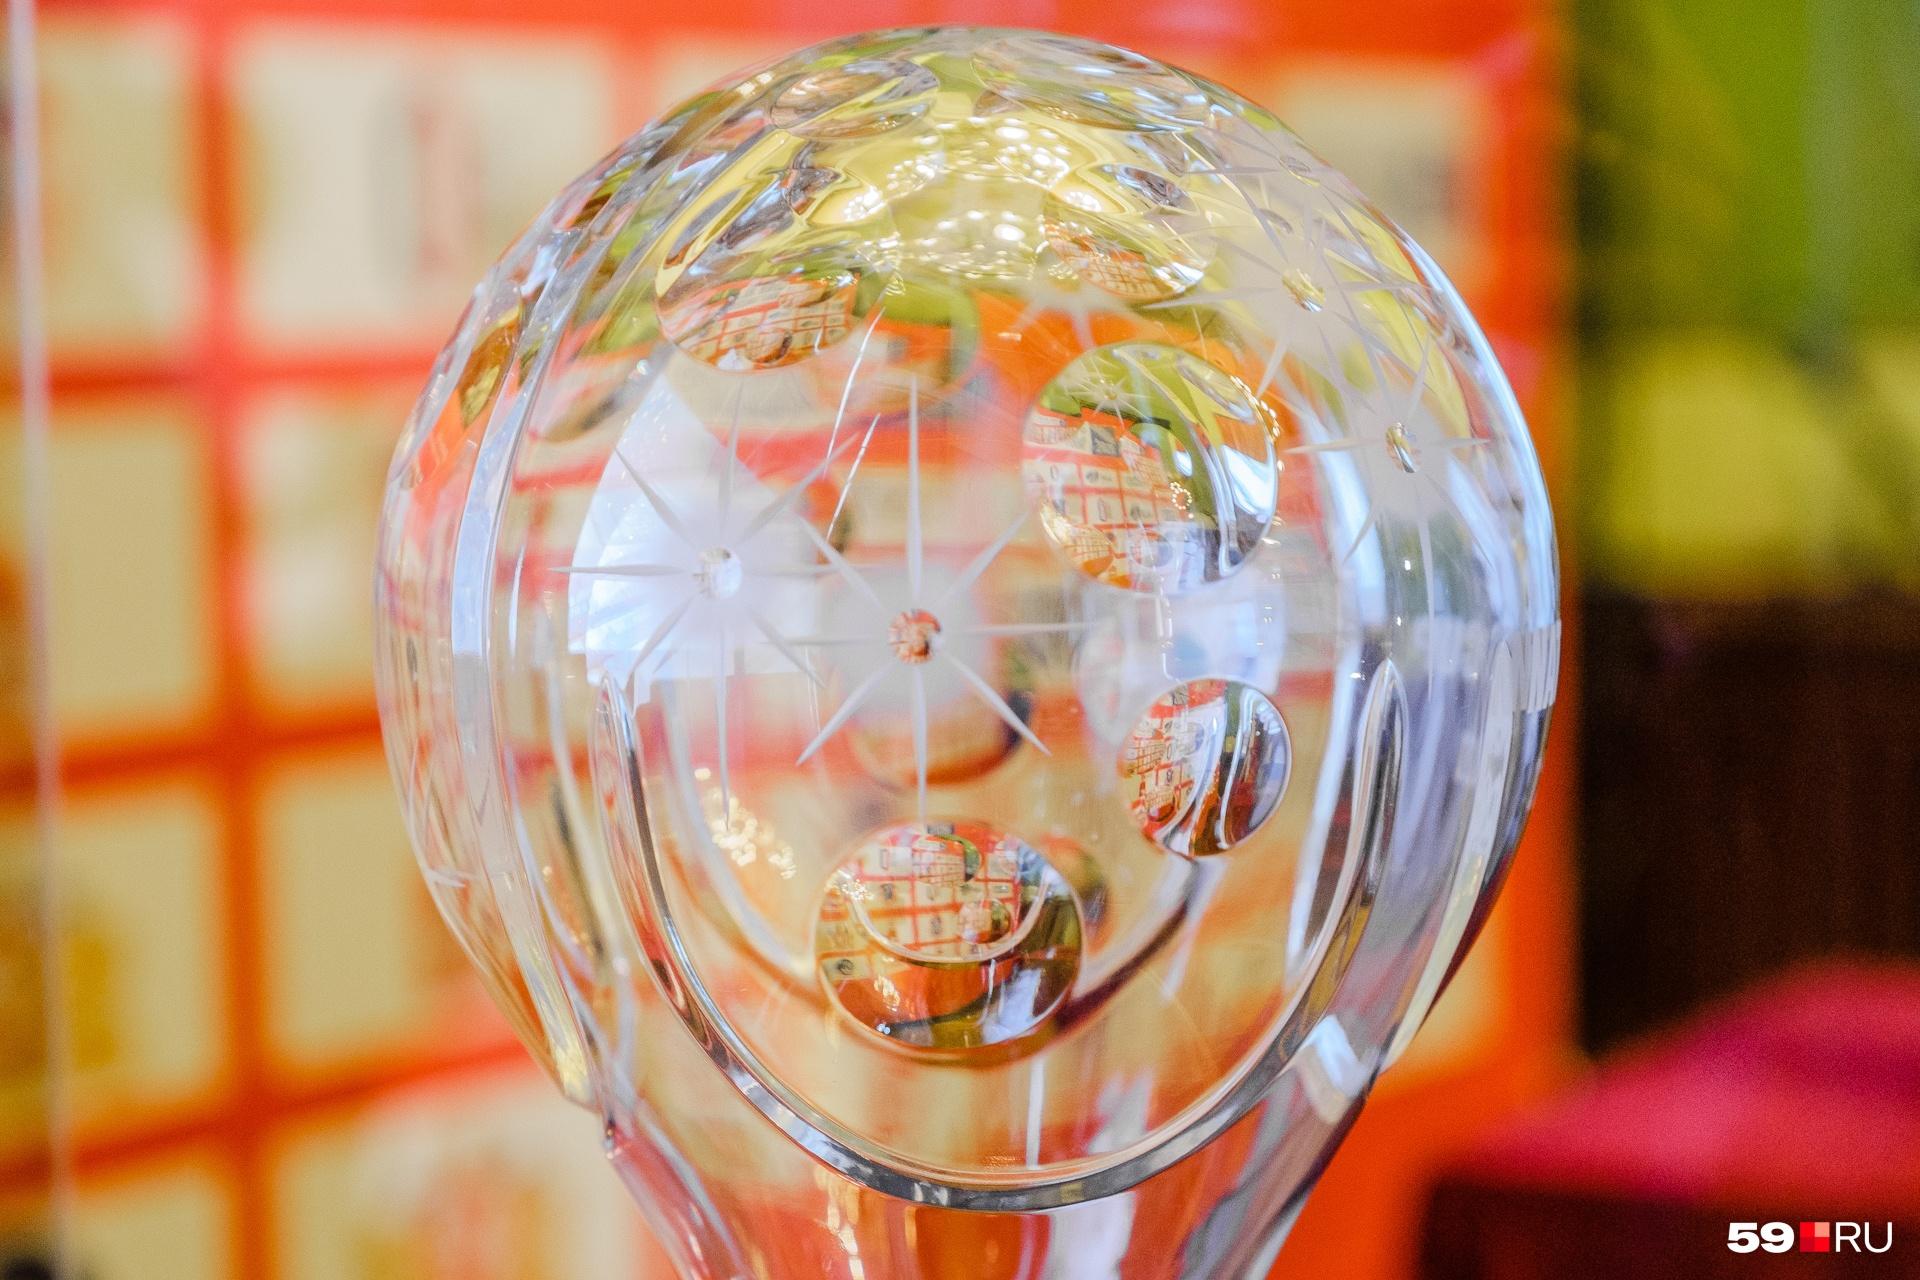 Хрустальный глобусэксклюзивно делает компания Joshka и немецкие стеклодувы